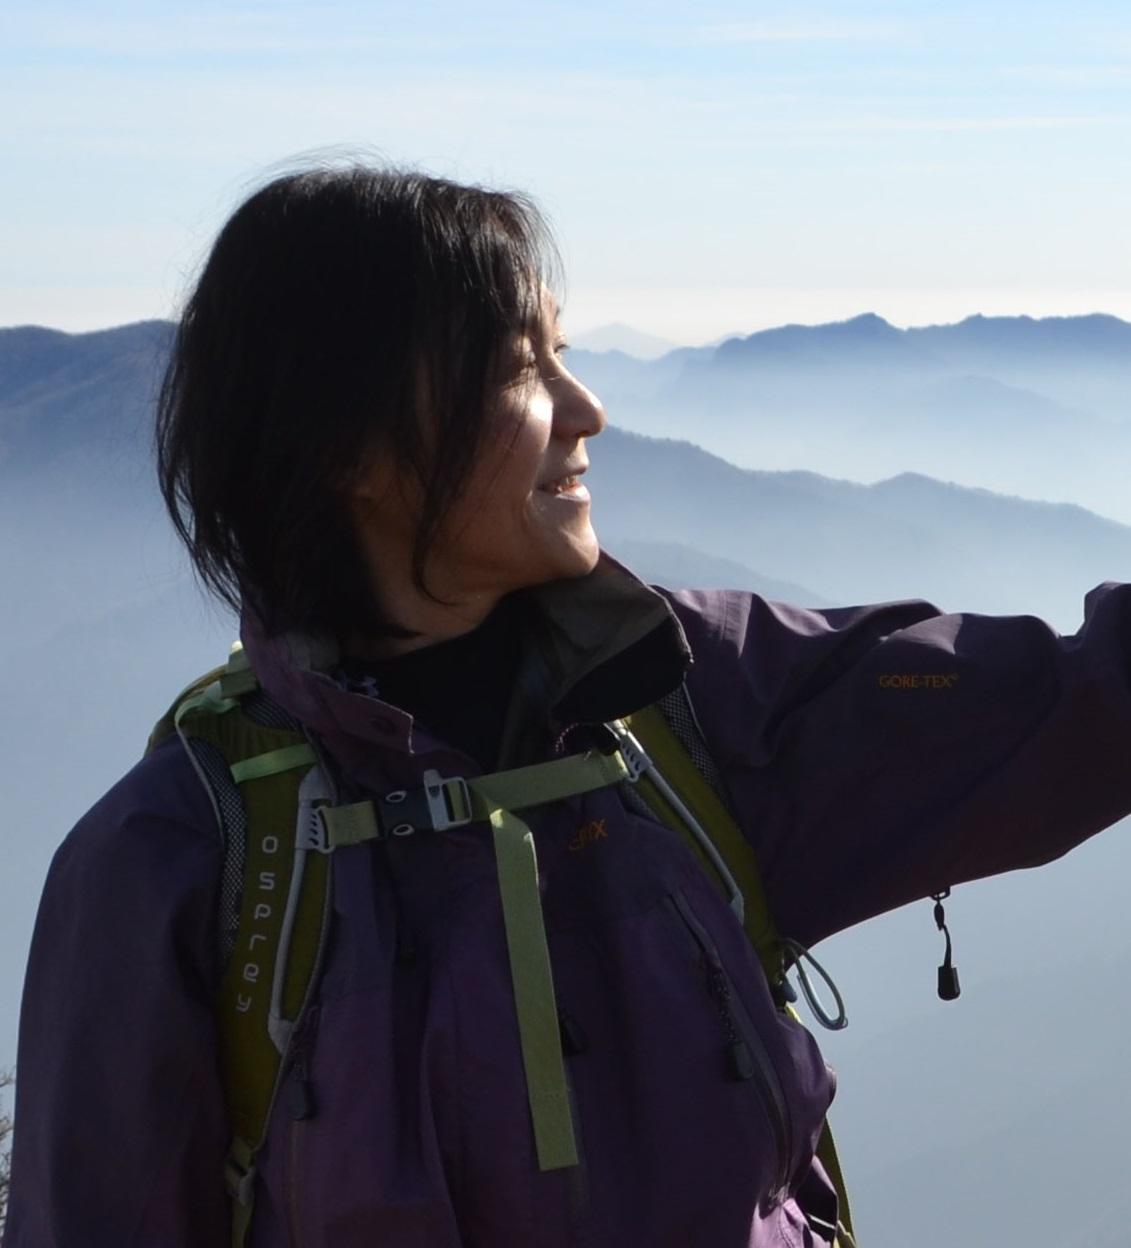 Tomoko Koda